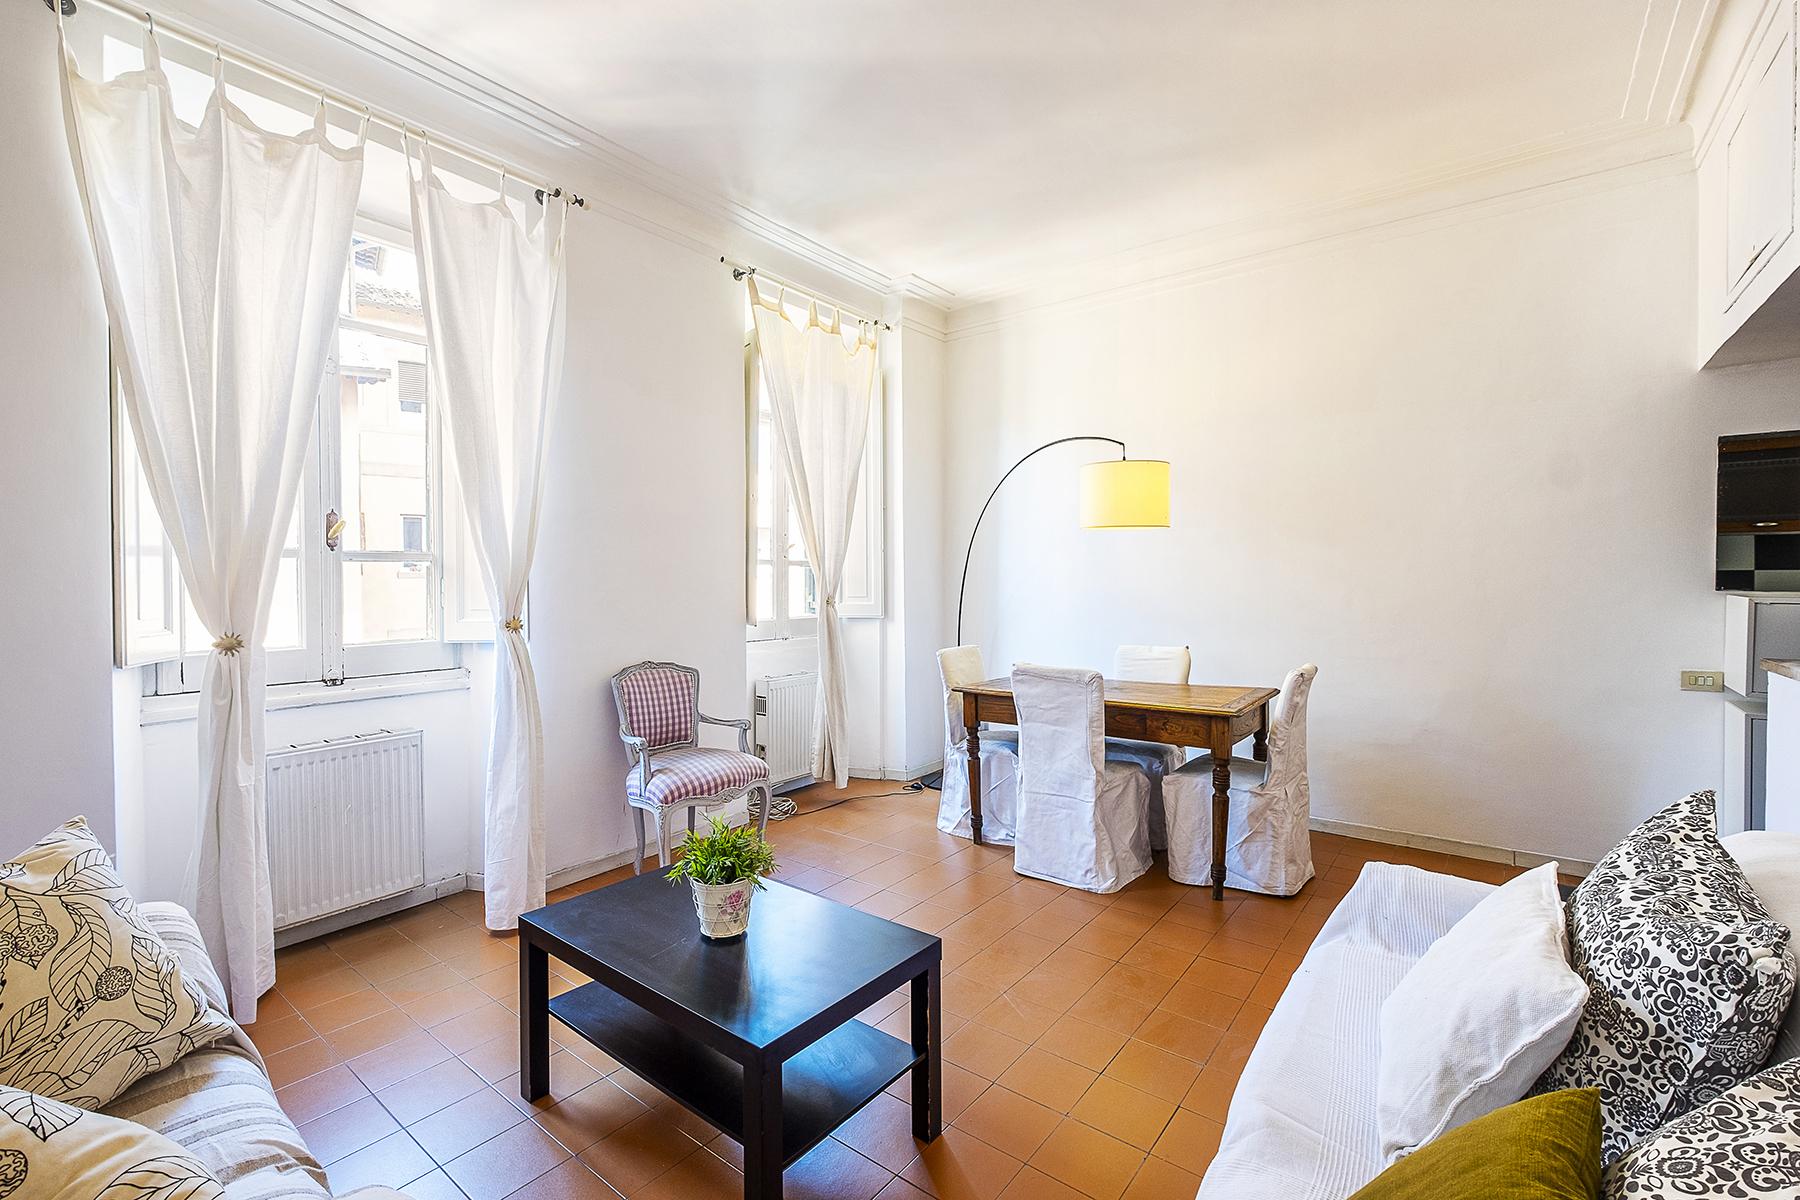 Appartamento in Vendita a Roma 01 Centro Storico: 3 locali, 53 mq